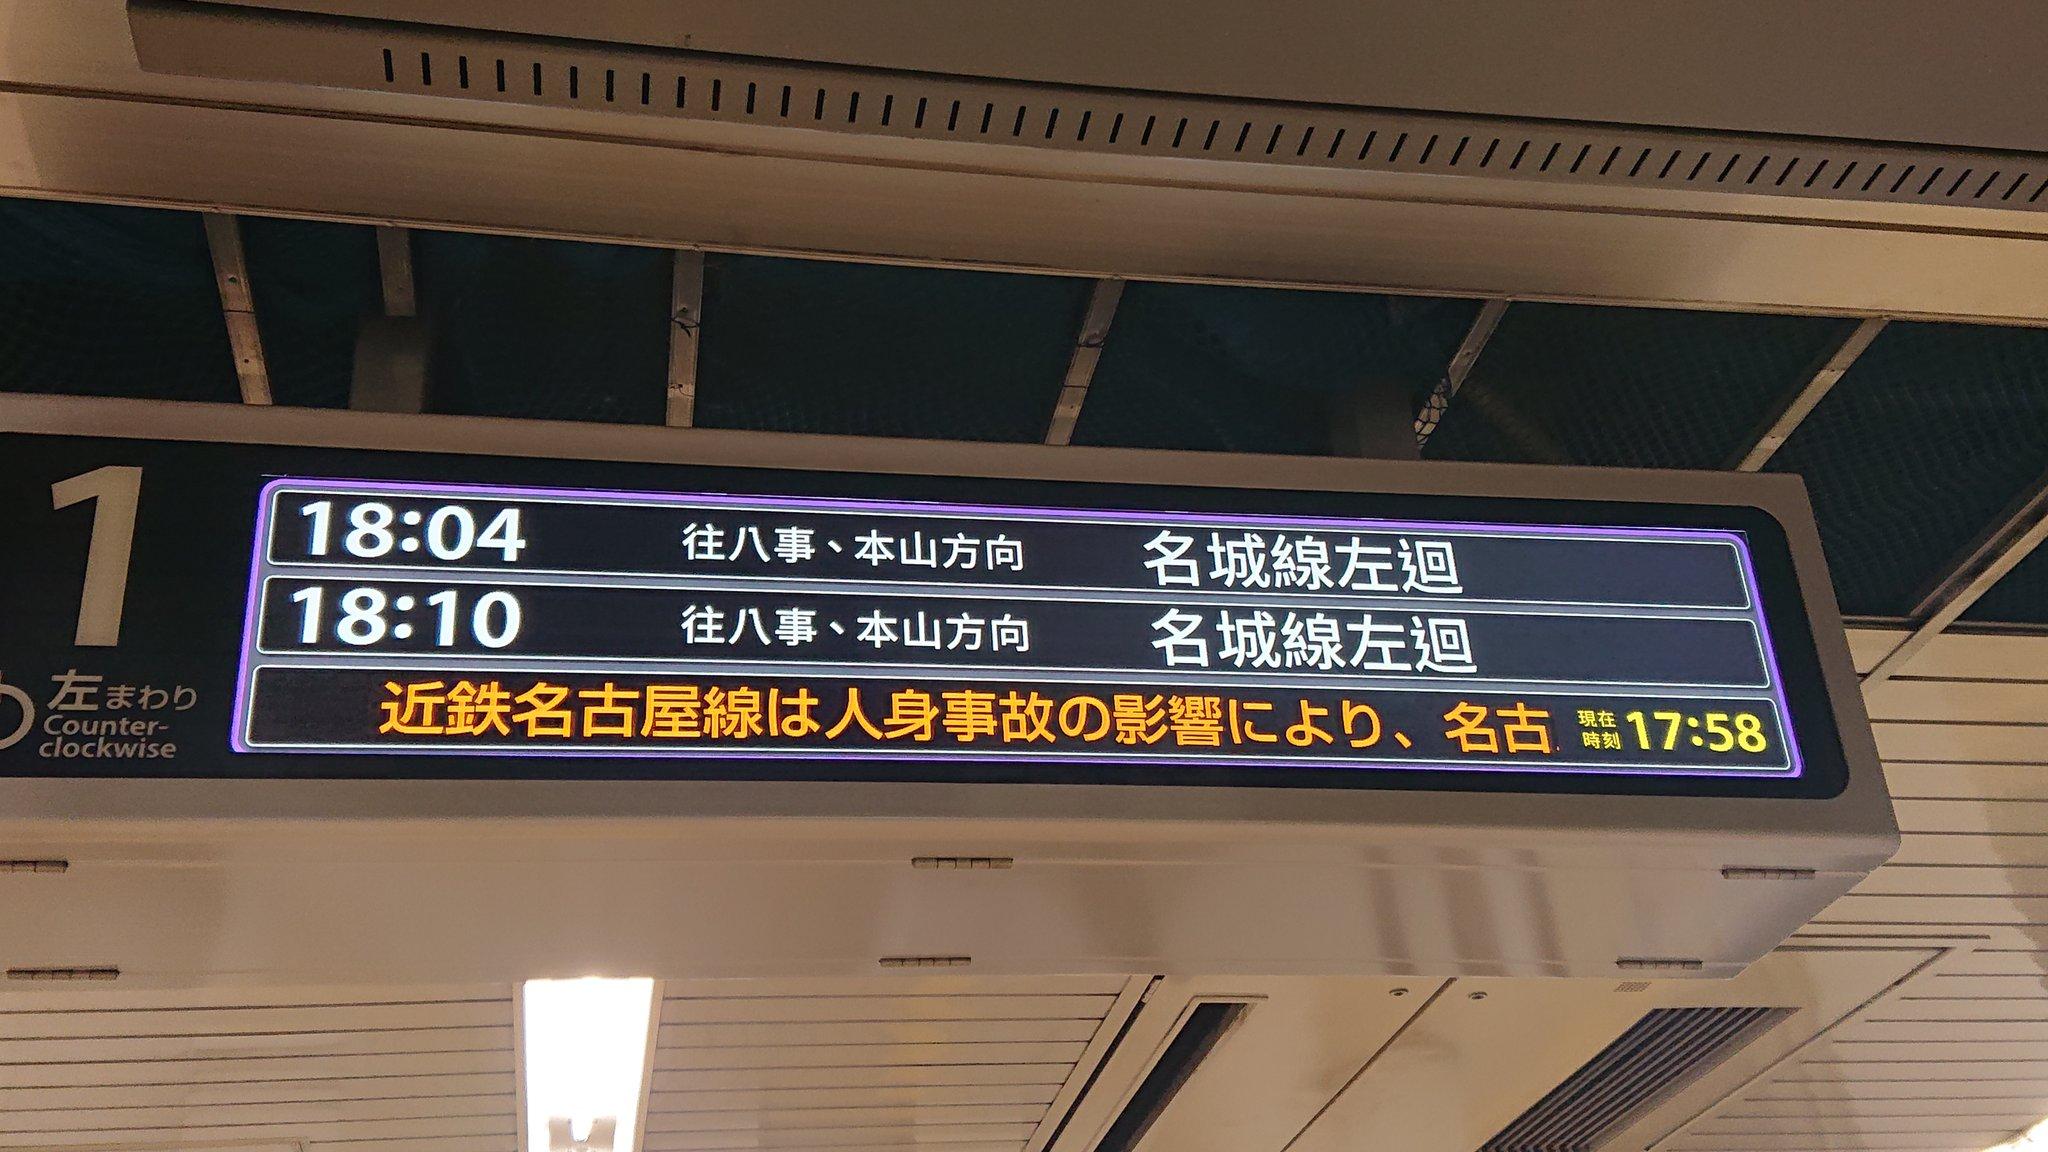 名古屋線の烏森駅の人身事故の電光掲示板の画像